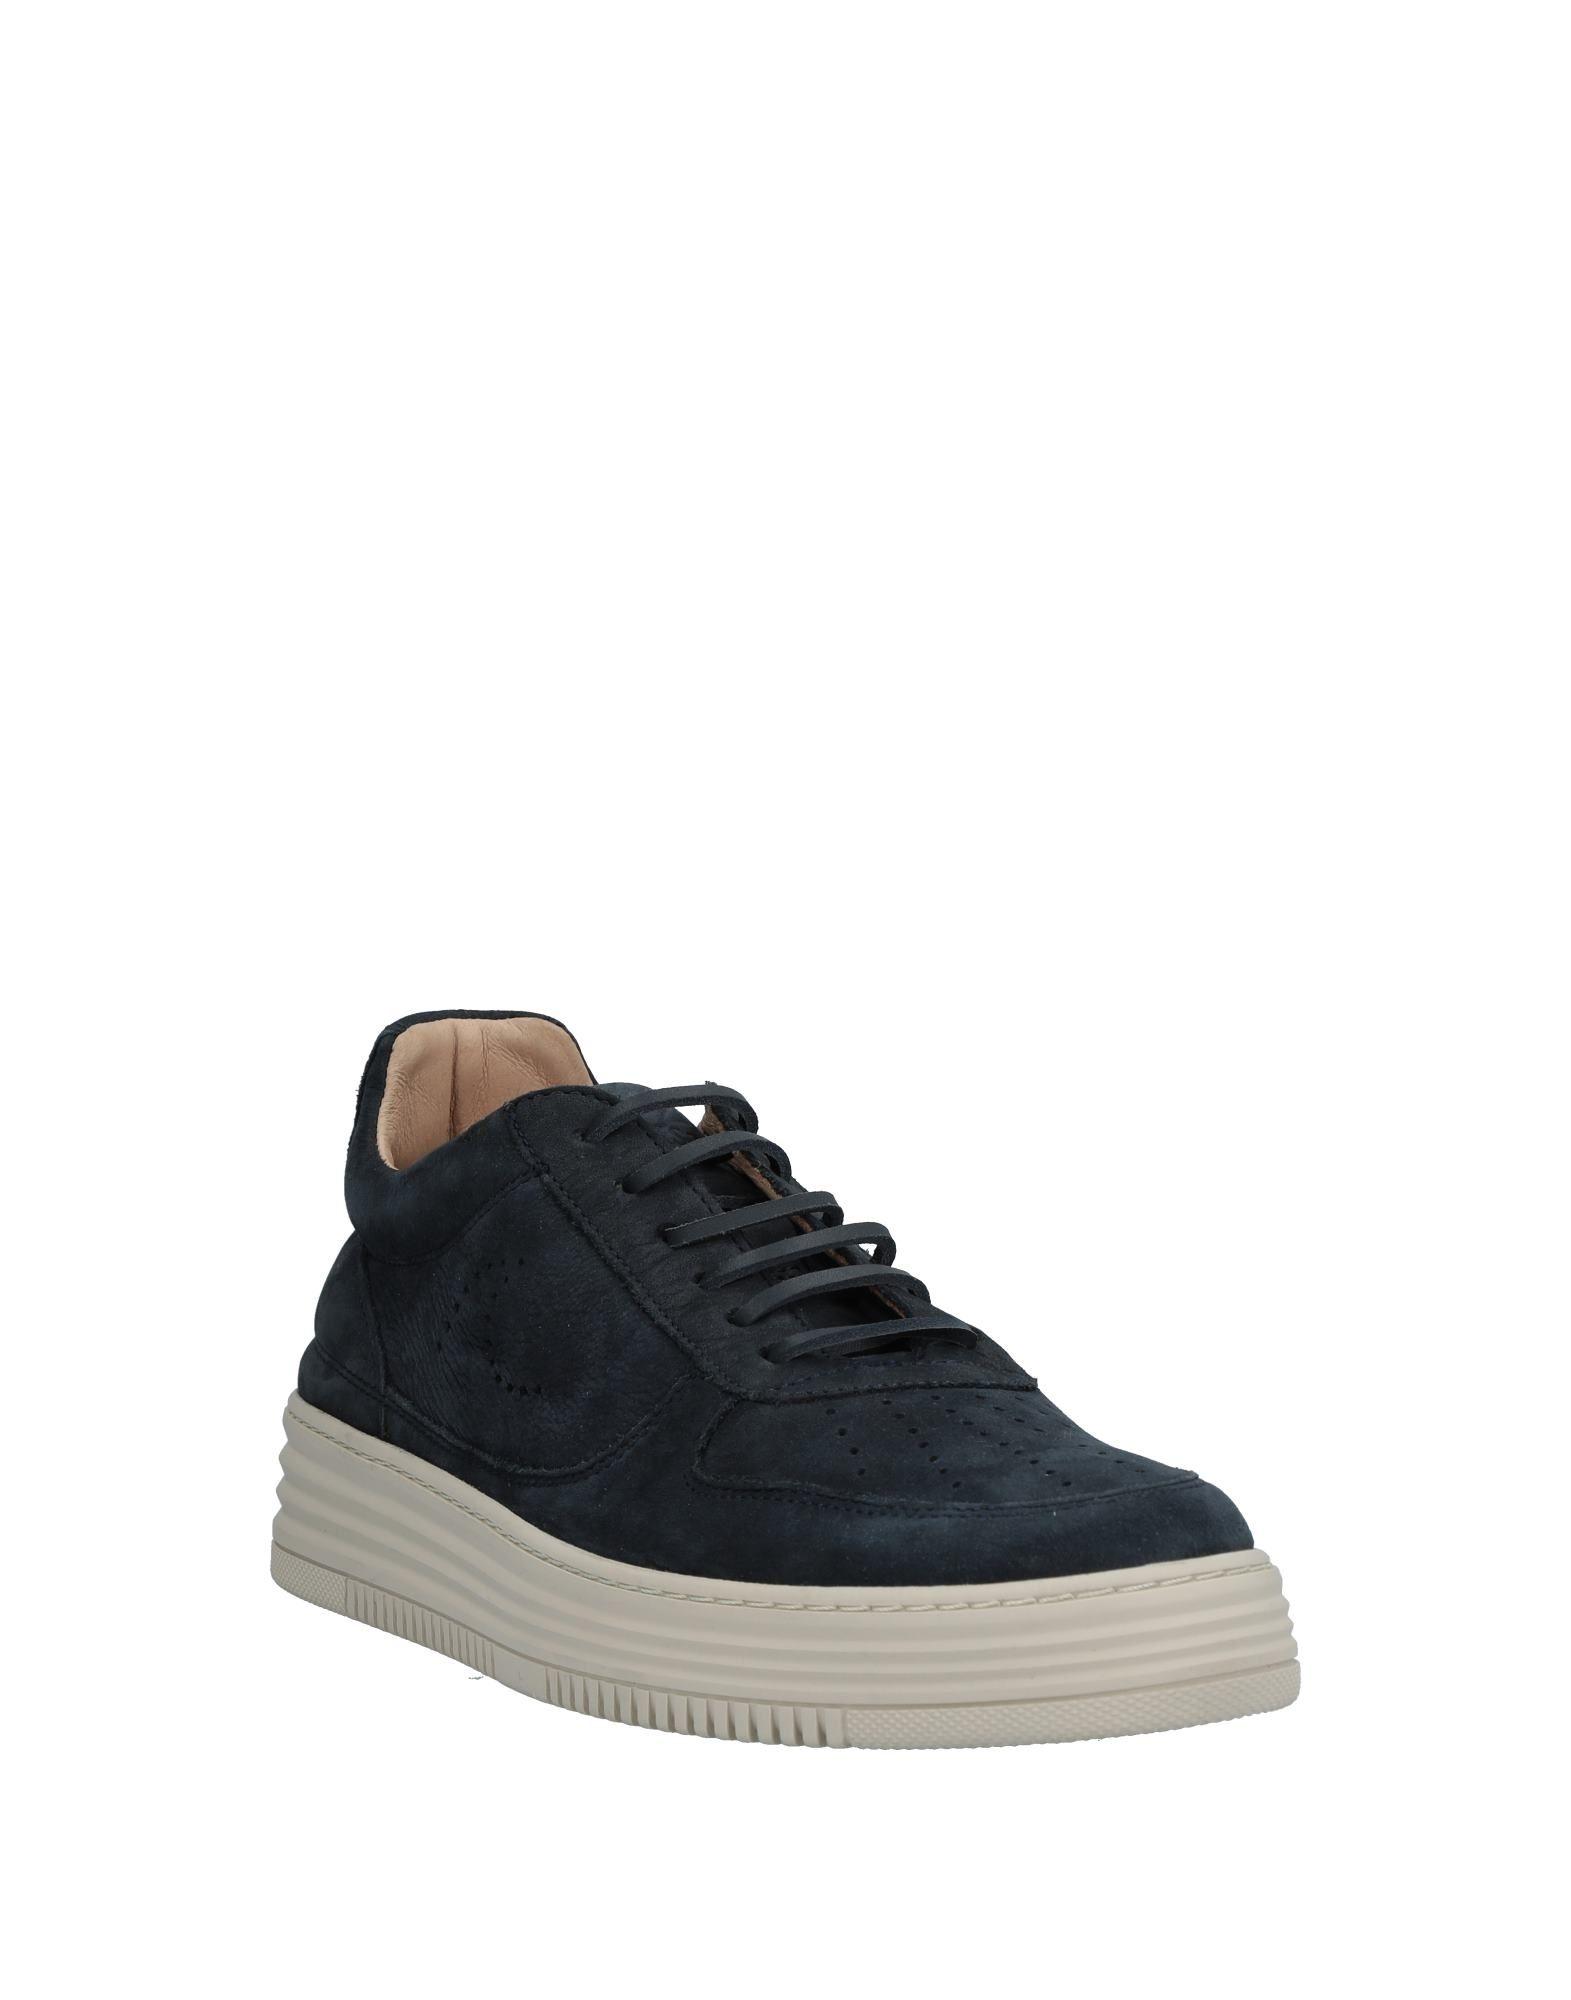 Rabatt echte Schuhe Docksteps Sneakers 11532795RO Herren  11532795RO Sneakers 3d1b4a